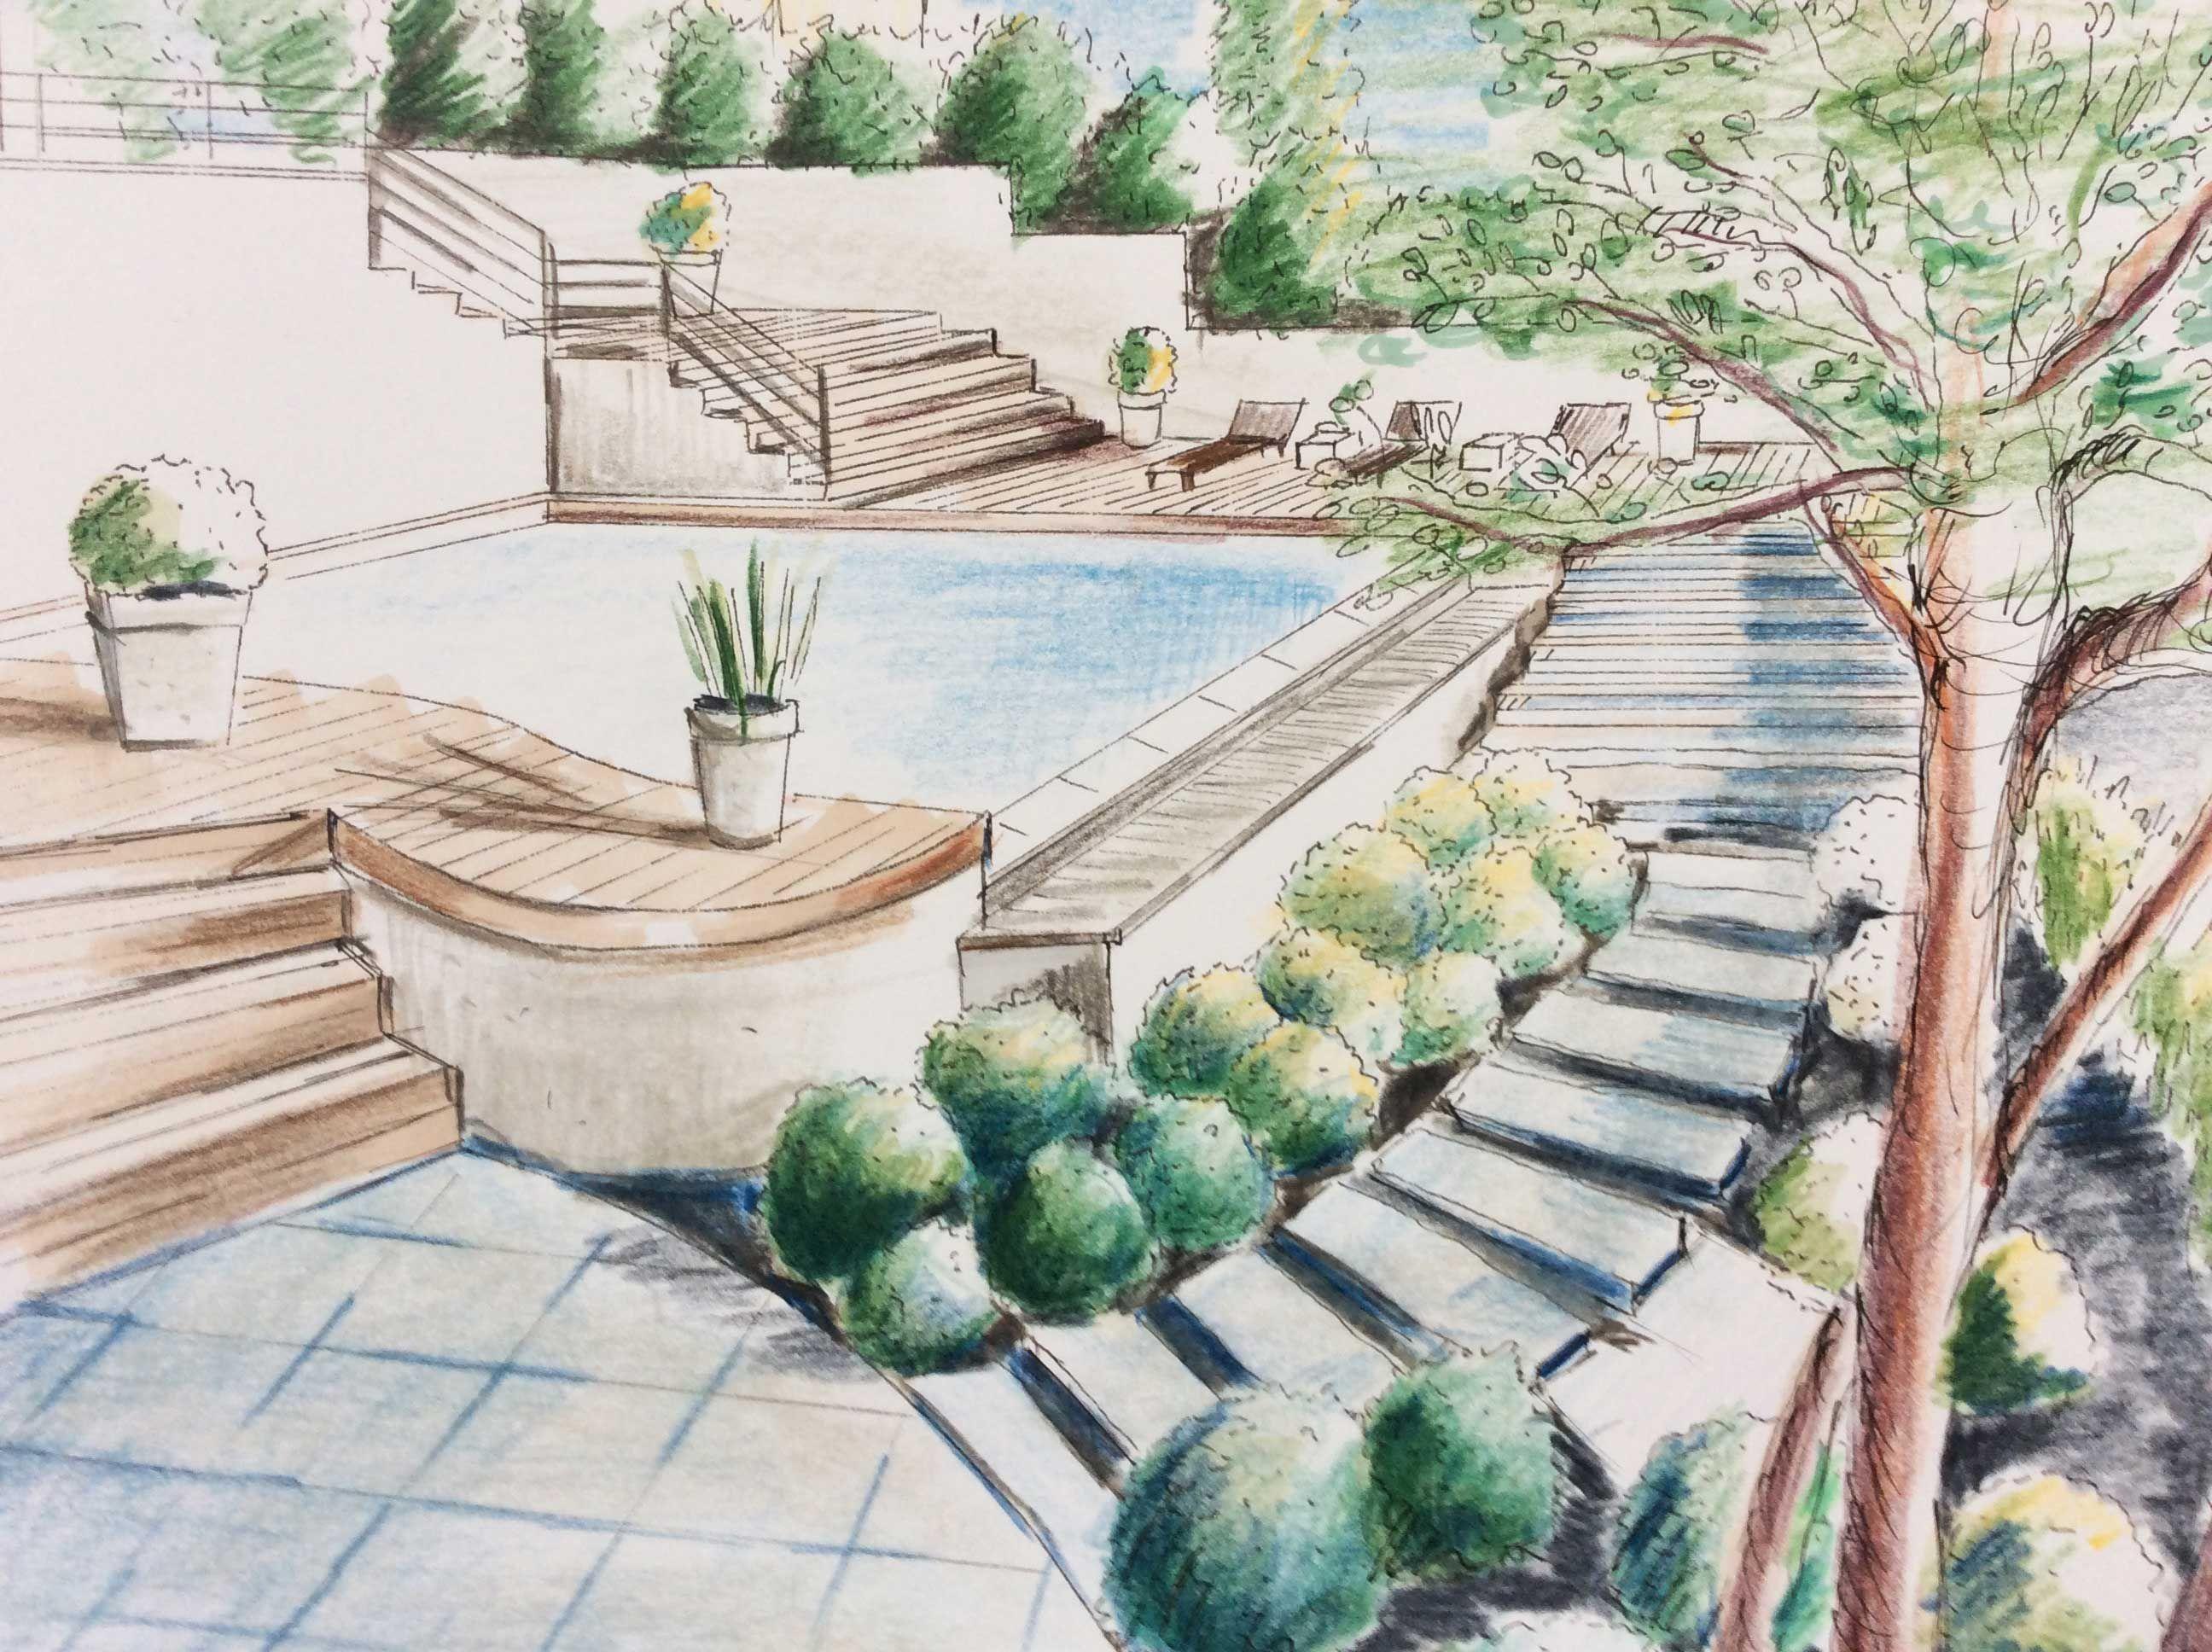 Am nagement d 39 un terrasse rough paysage par aga werner for Recherche architecte paysagiste